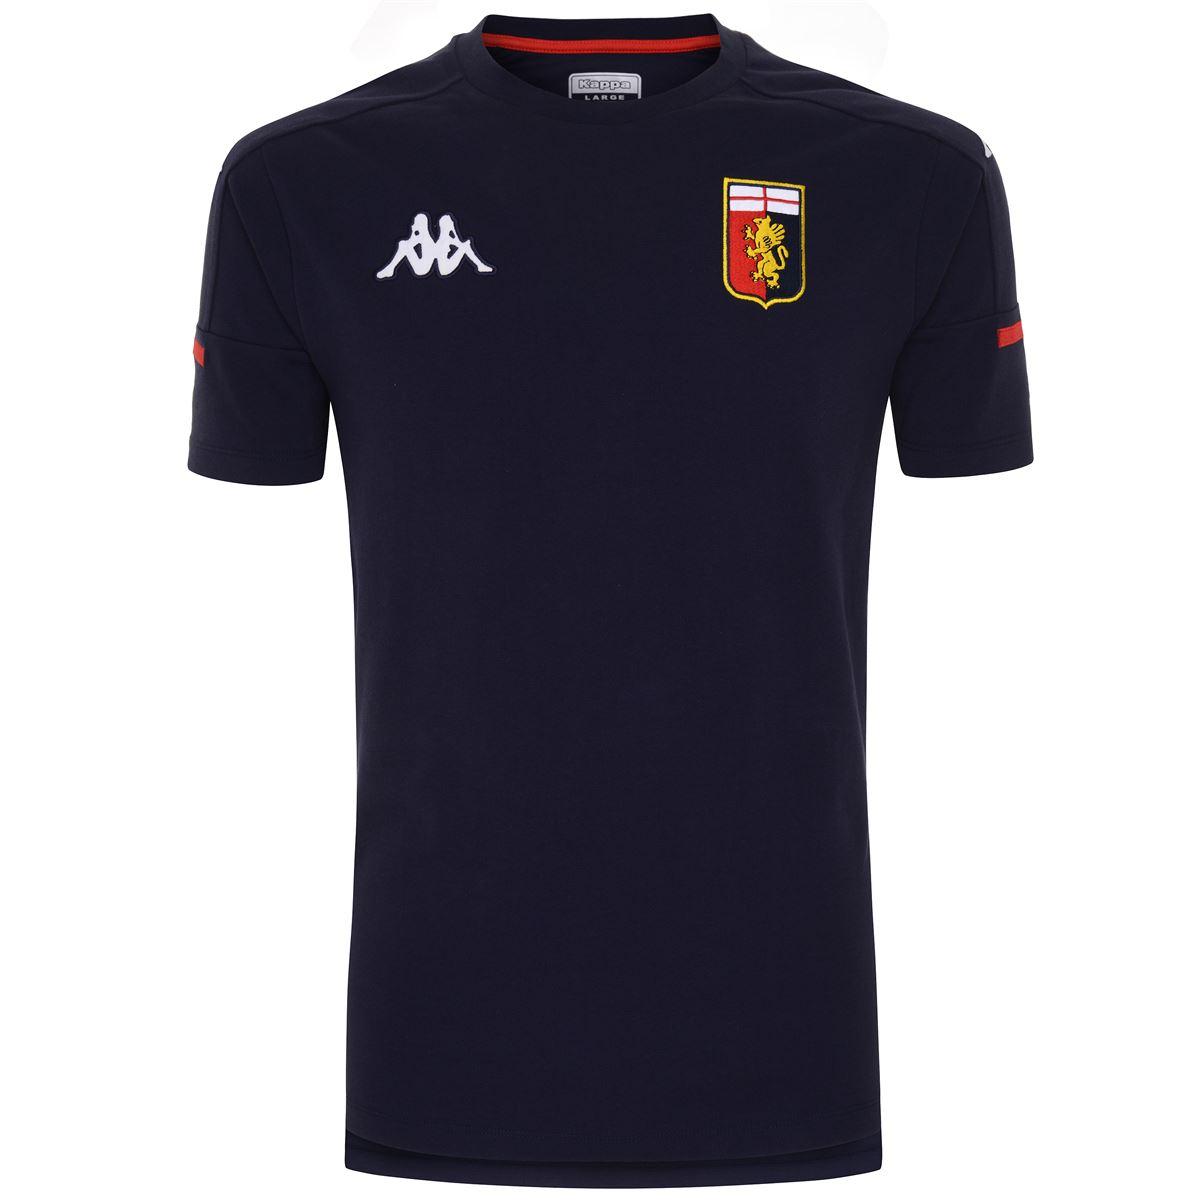 Kappa T-shirts & Top uomo-341236WGEN